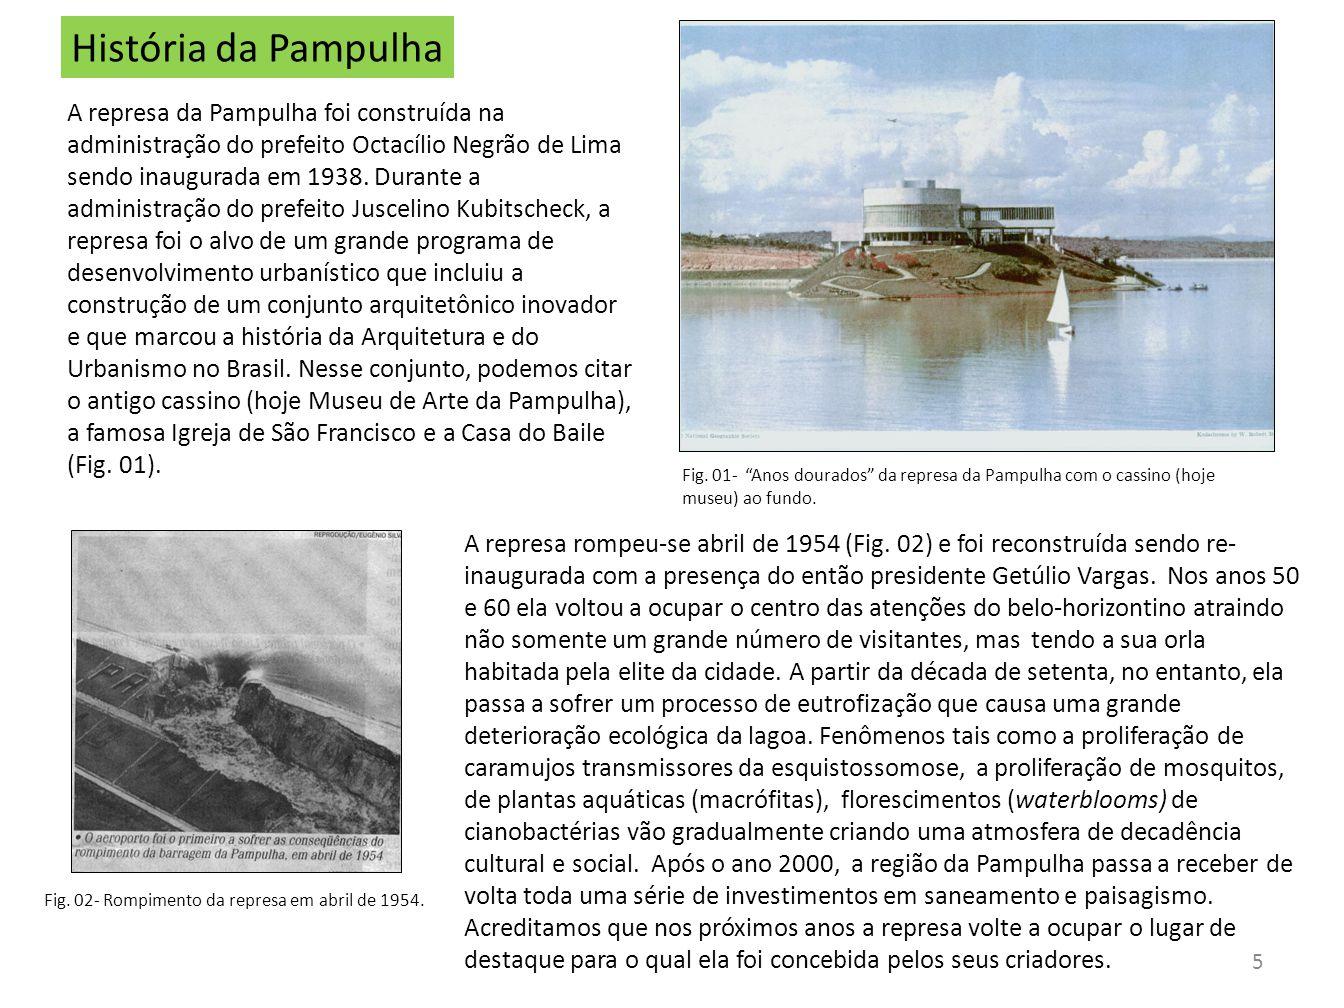 5 História da Pampulha A represa da Pampulha foi construída na administração do prefeito Octacílio Negrão de Lima sendo inaugurada em 1938. Durante a